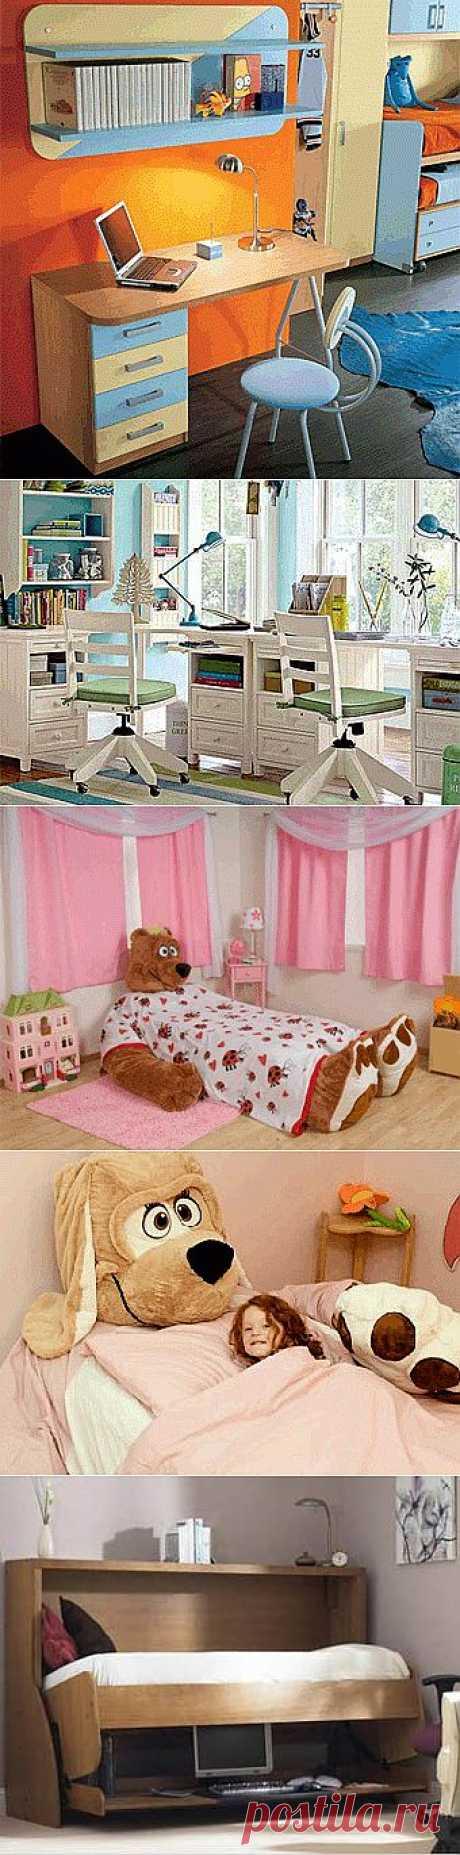 Для детской комнаты - Учимся Делать Все Сами